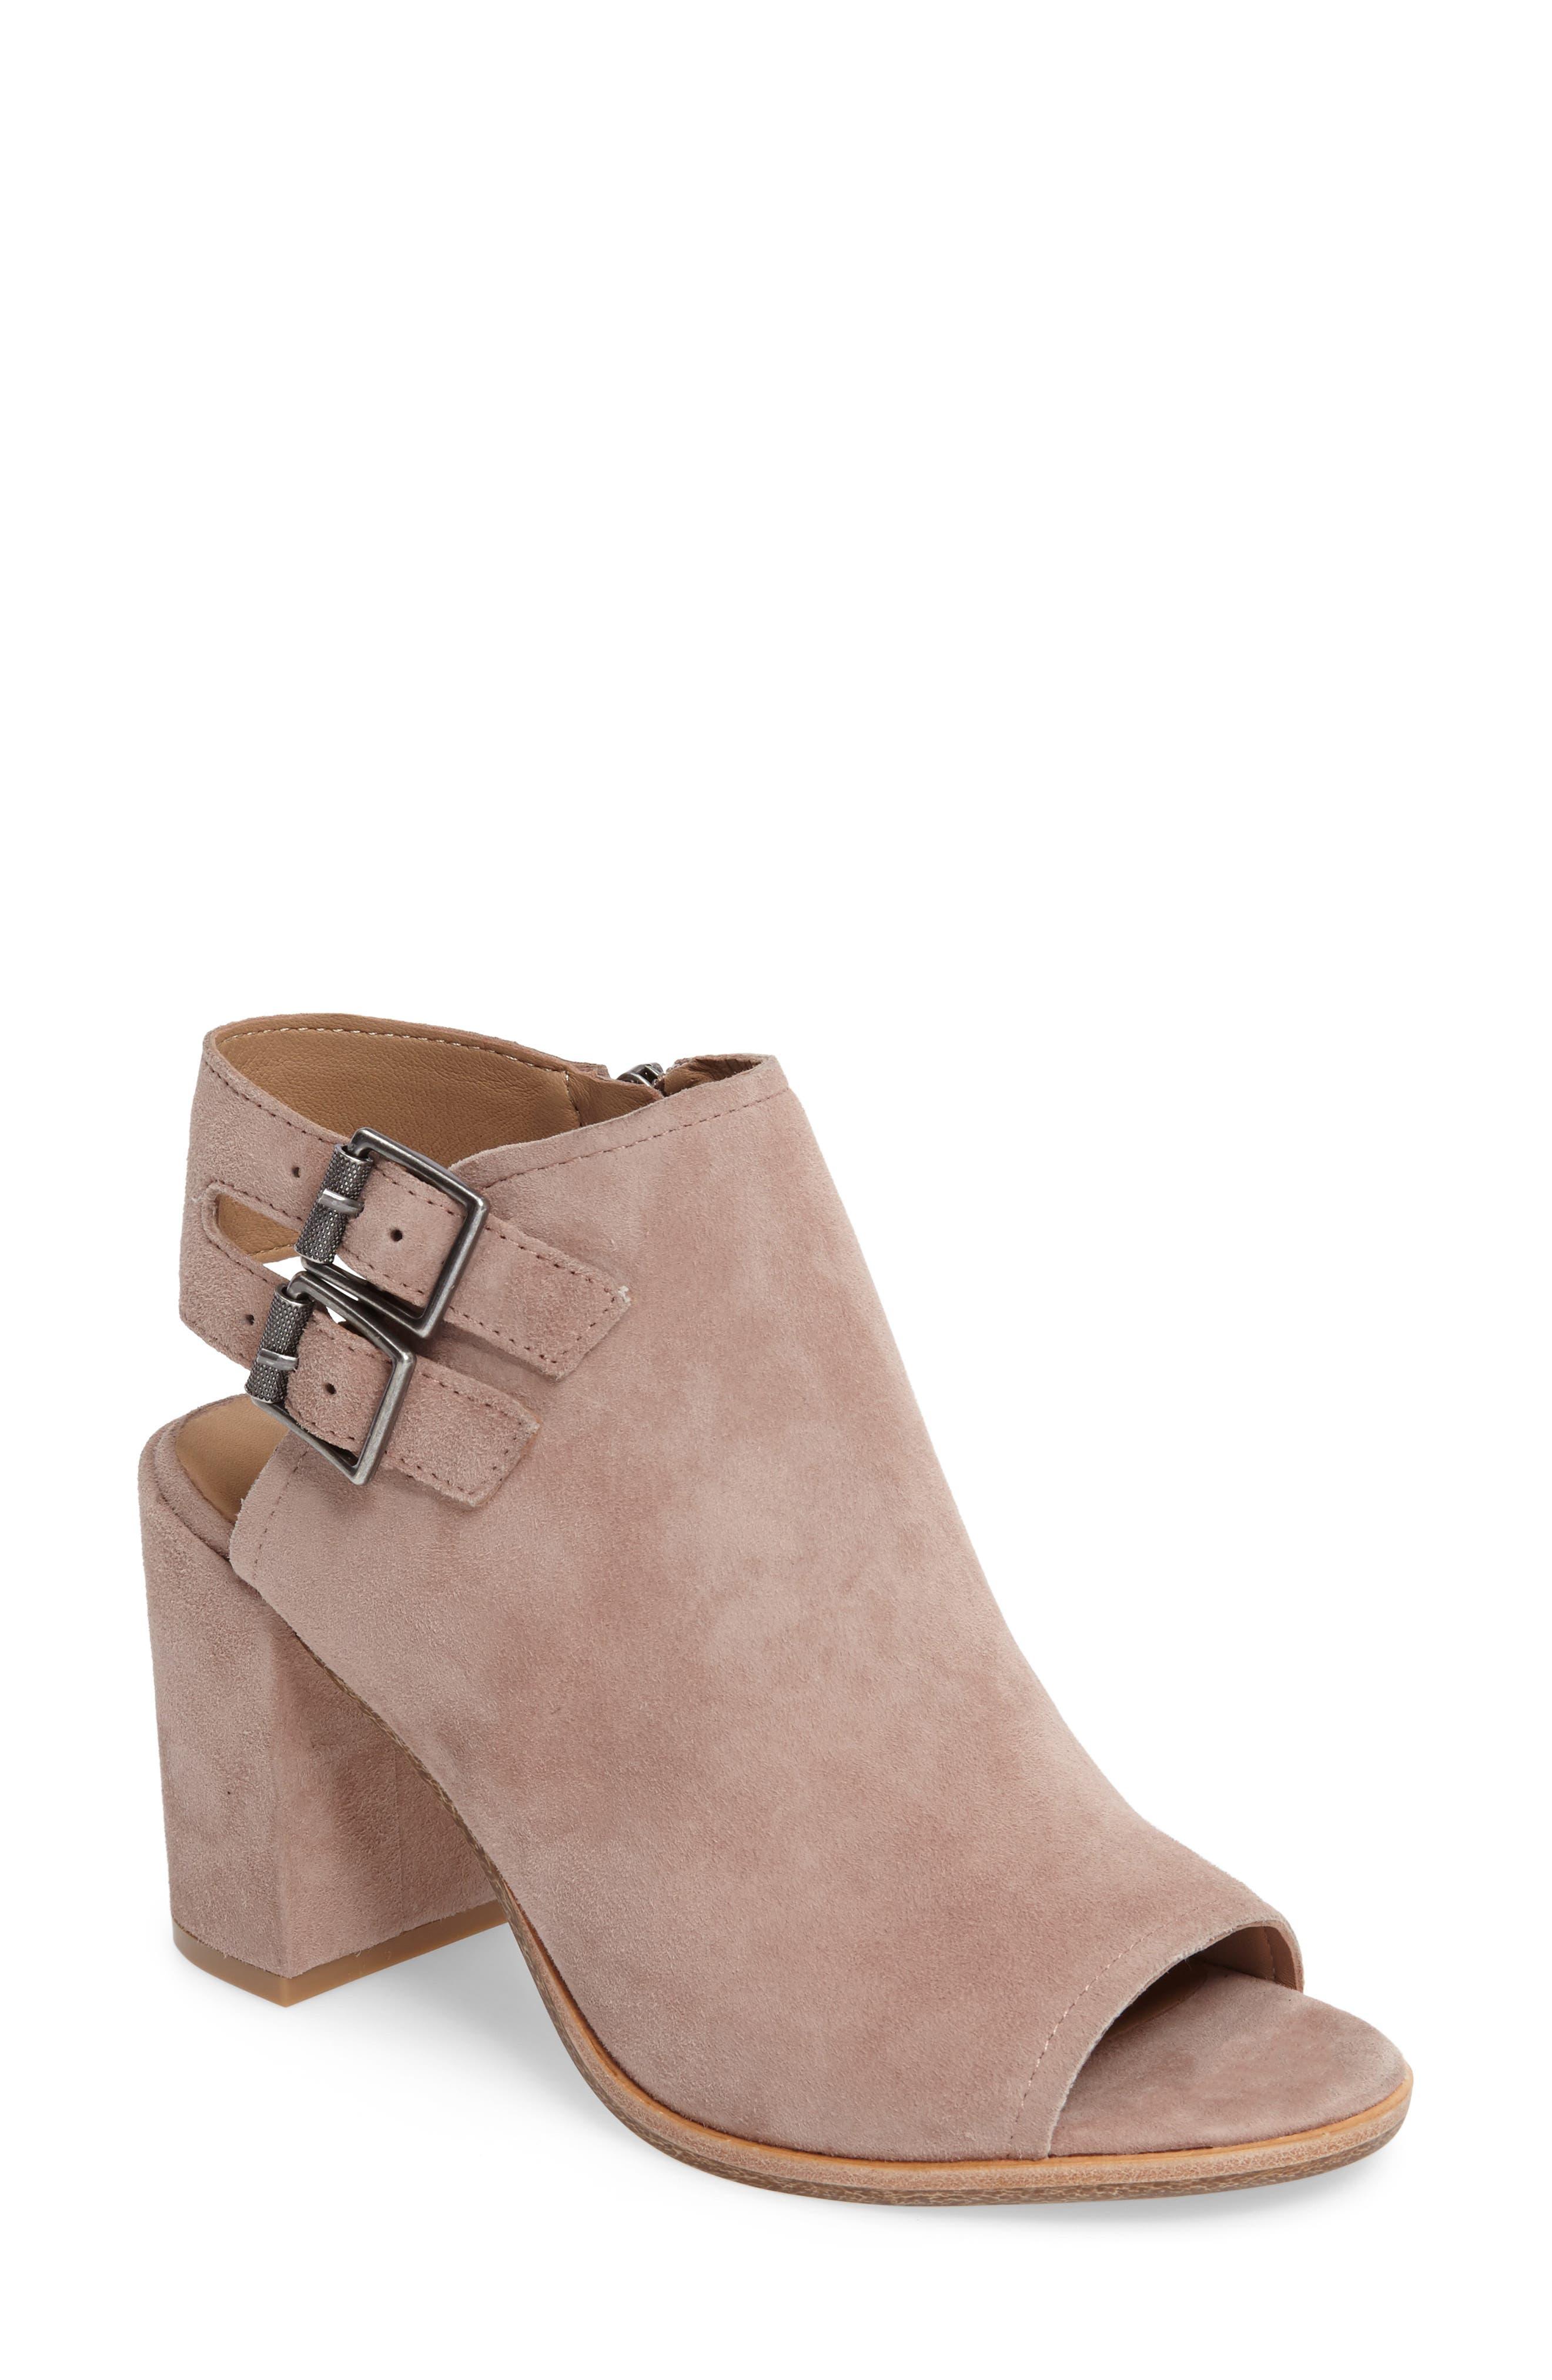 Alternate Image 1 Selected - Mercer Edit MelittleL8 Block Heel Sandal (Women)